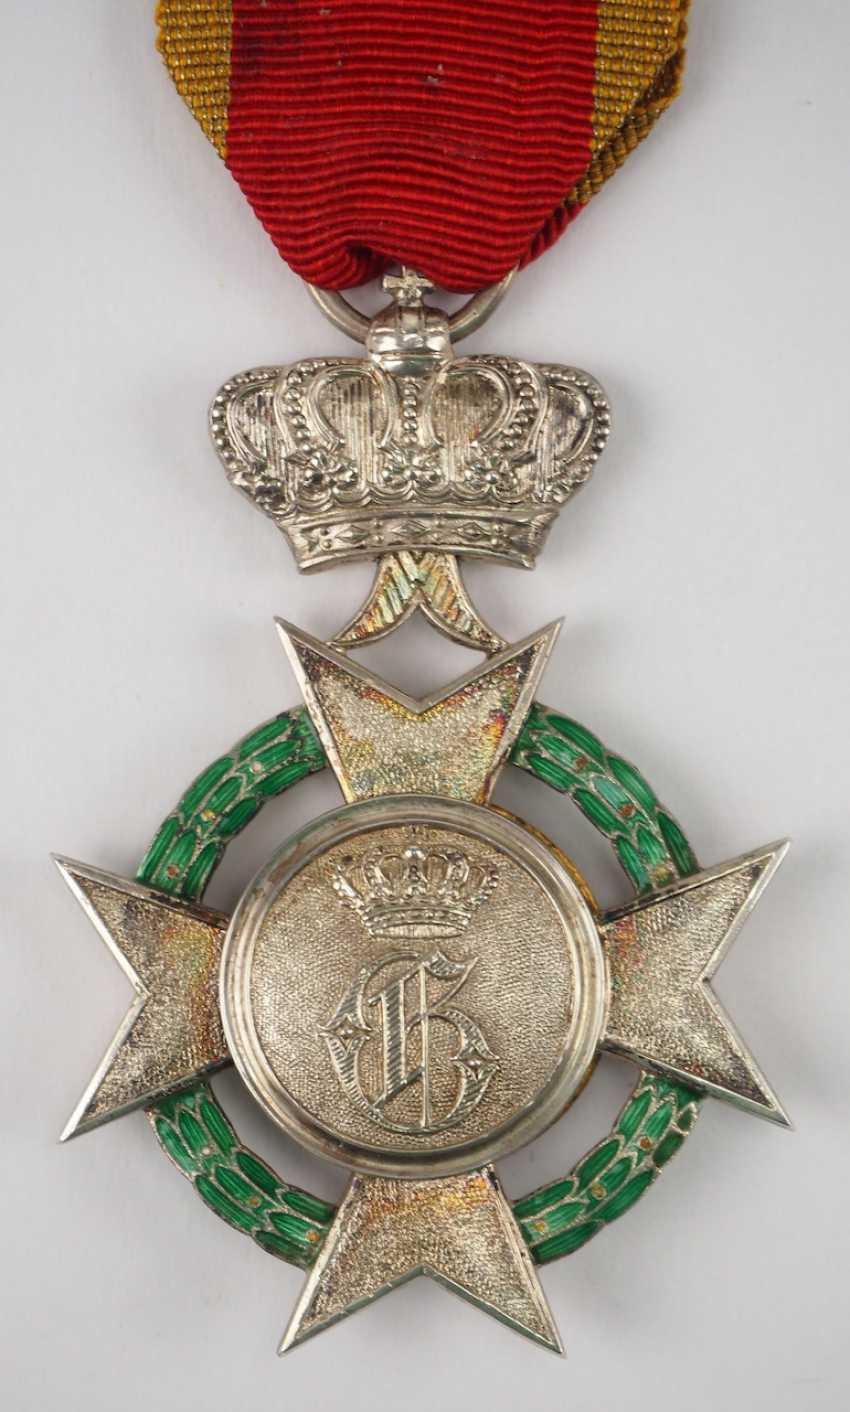 Schaumburg-Lippe: ordre du Mérite des Arts et des Sciences, 1. Modèle (1899-1914), 1. Classe. - photo 3